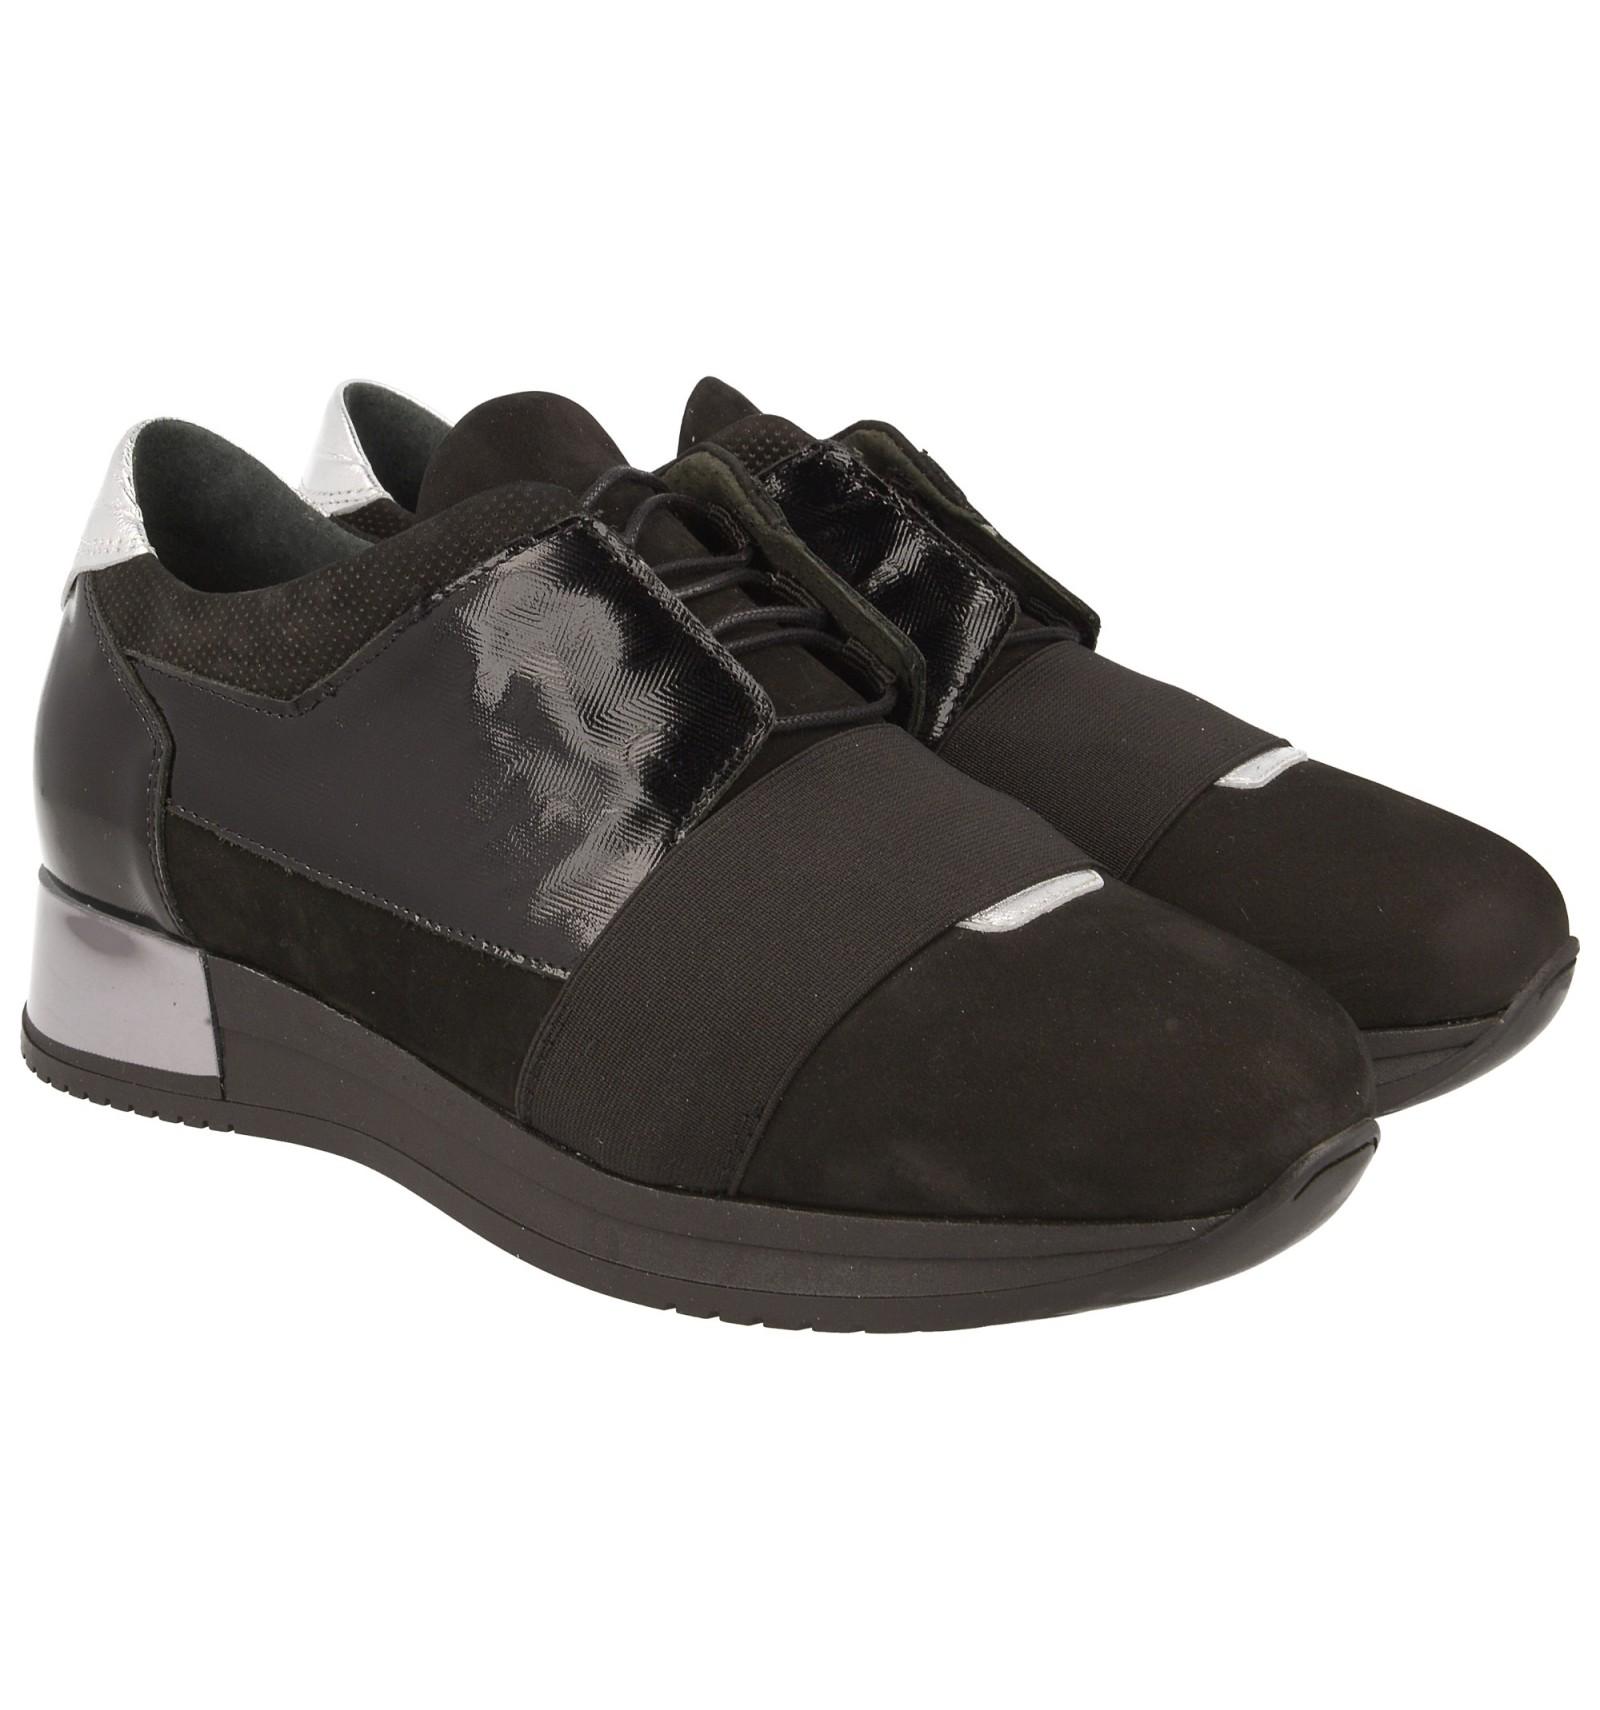 Modne Sneakersy damskie z gumką, CZARNE, wykonane ze  skóry naturalnej